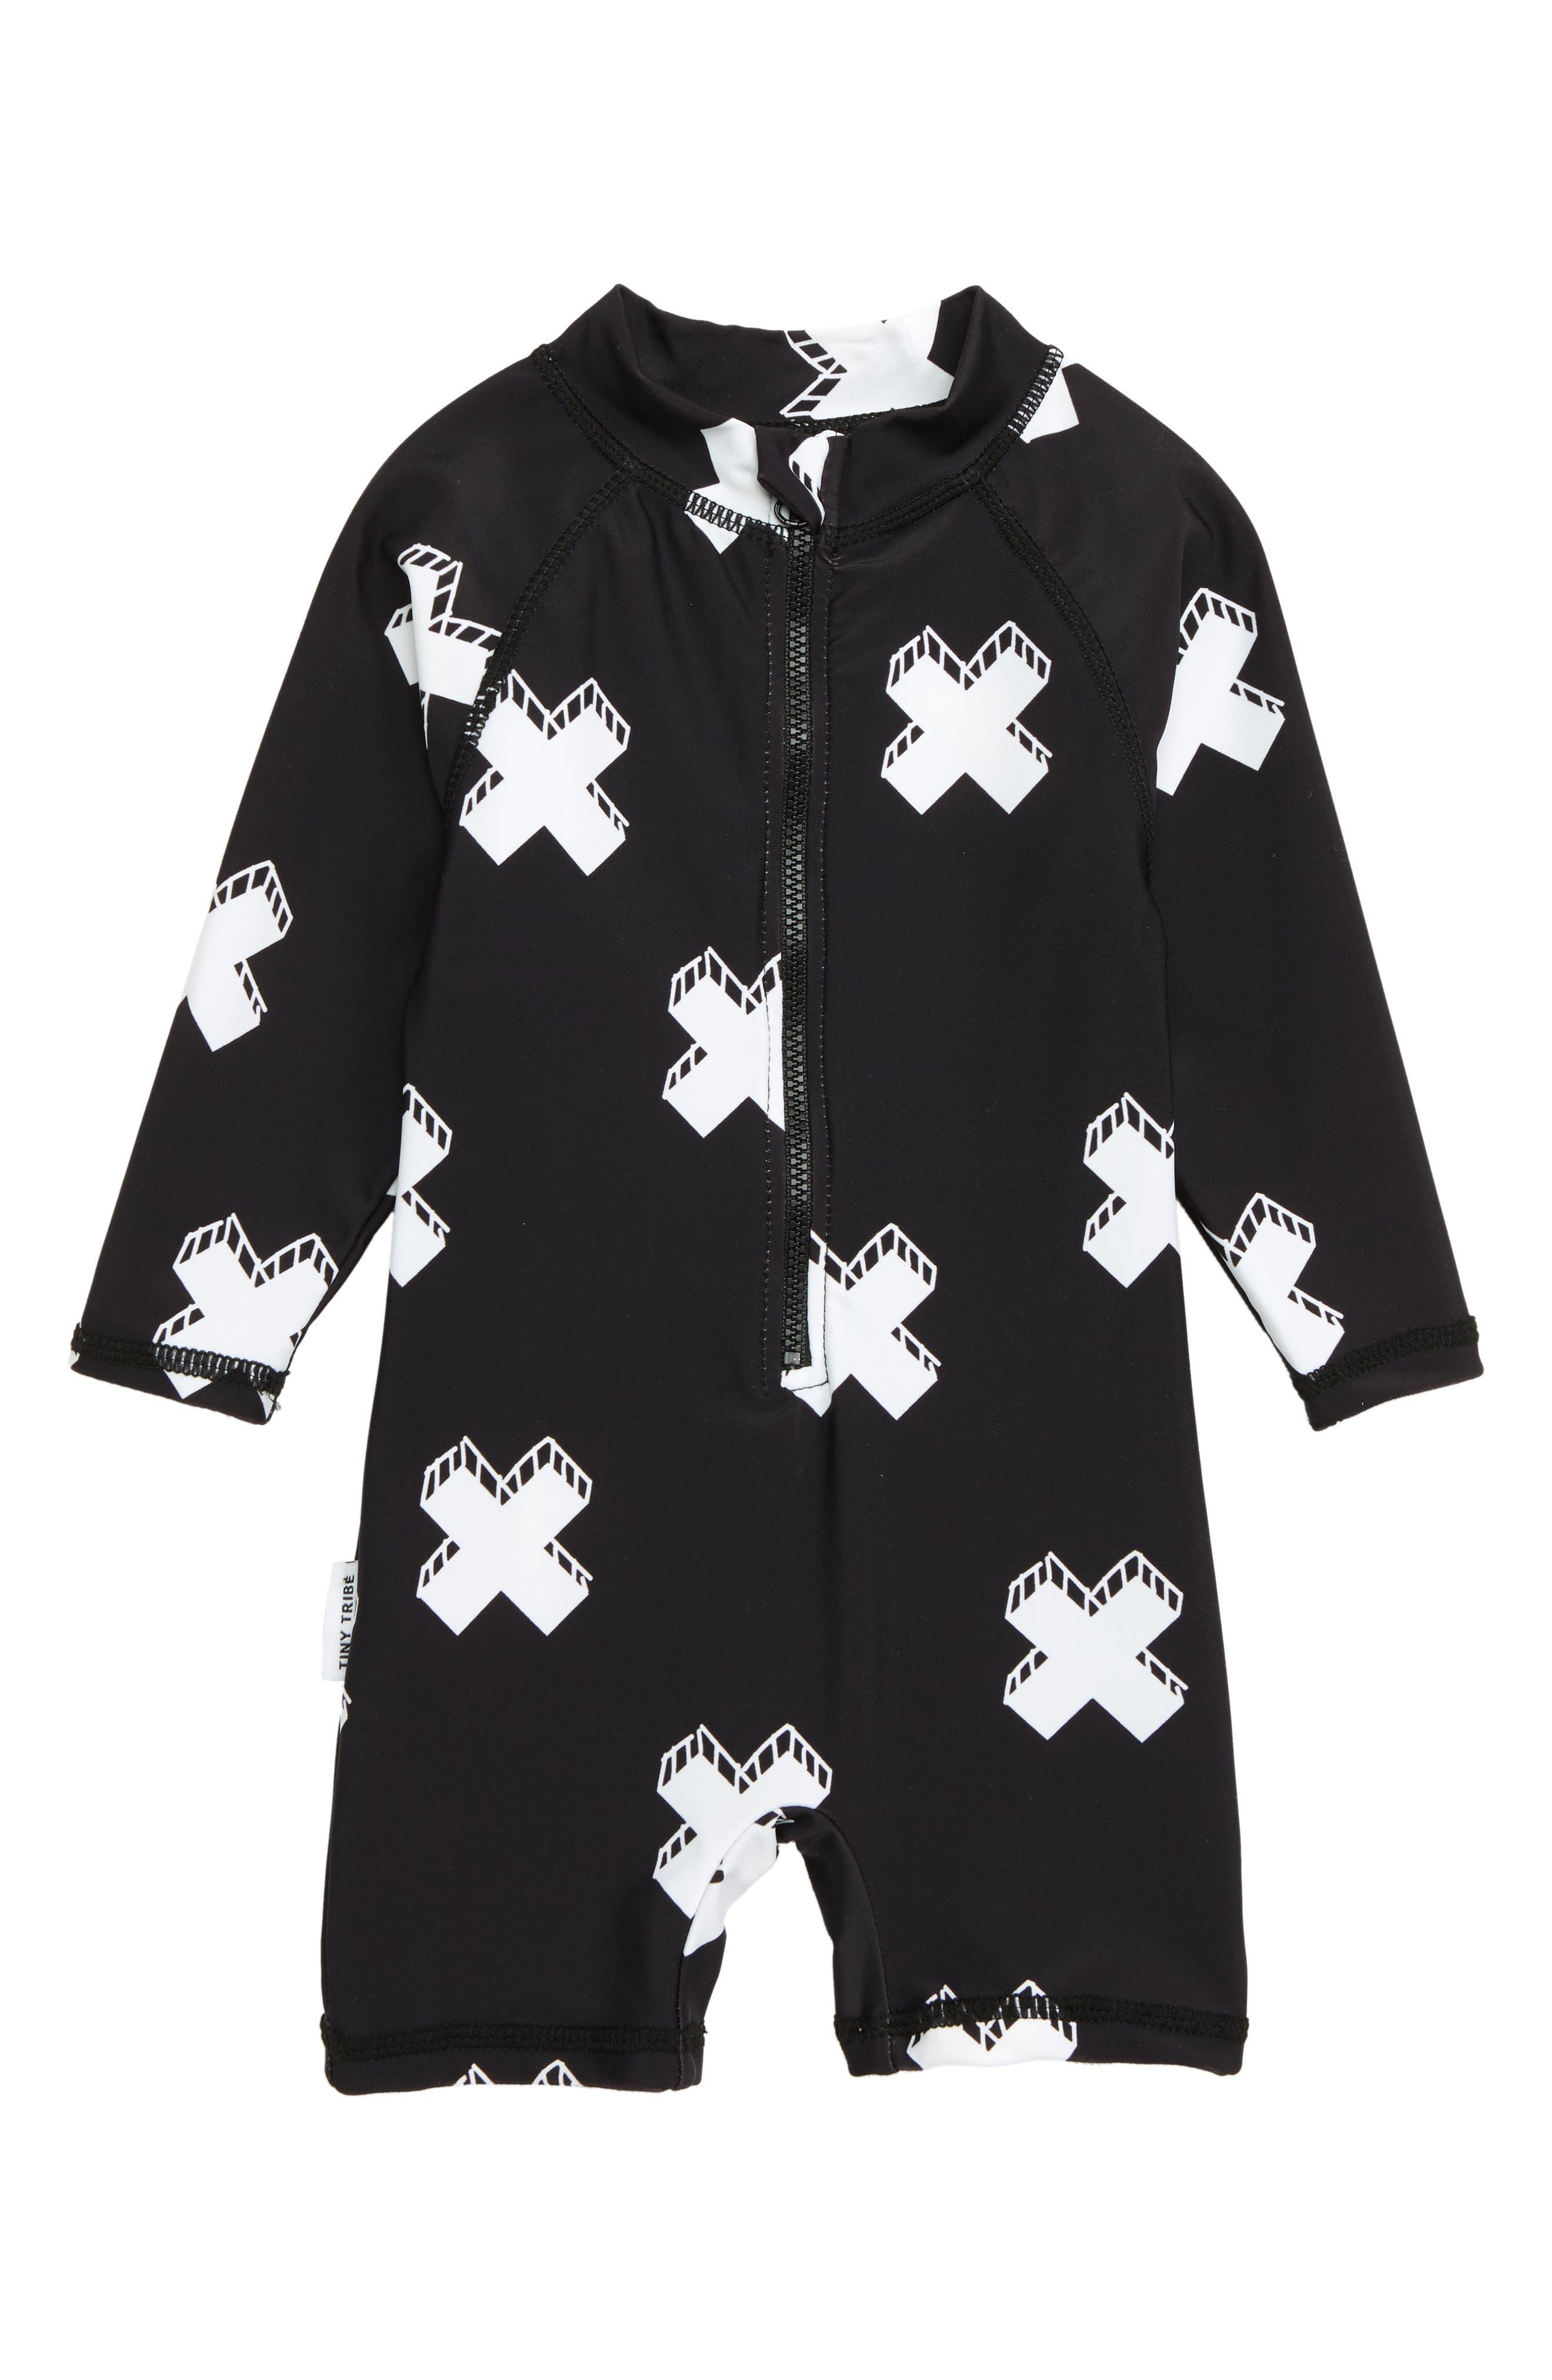 Cross One-Piece Rashguard Swimsuit,                             Main thumbnail 1, color,                             WHITE/ BLACK